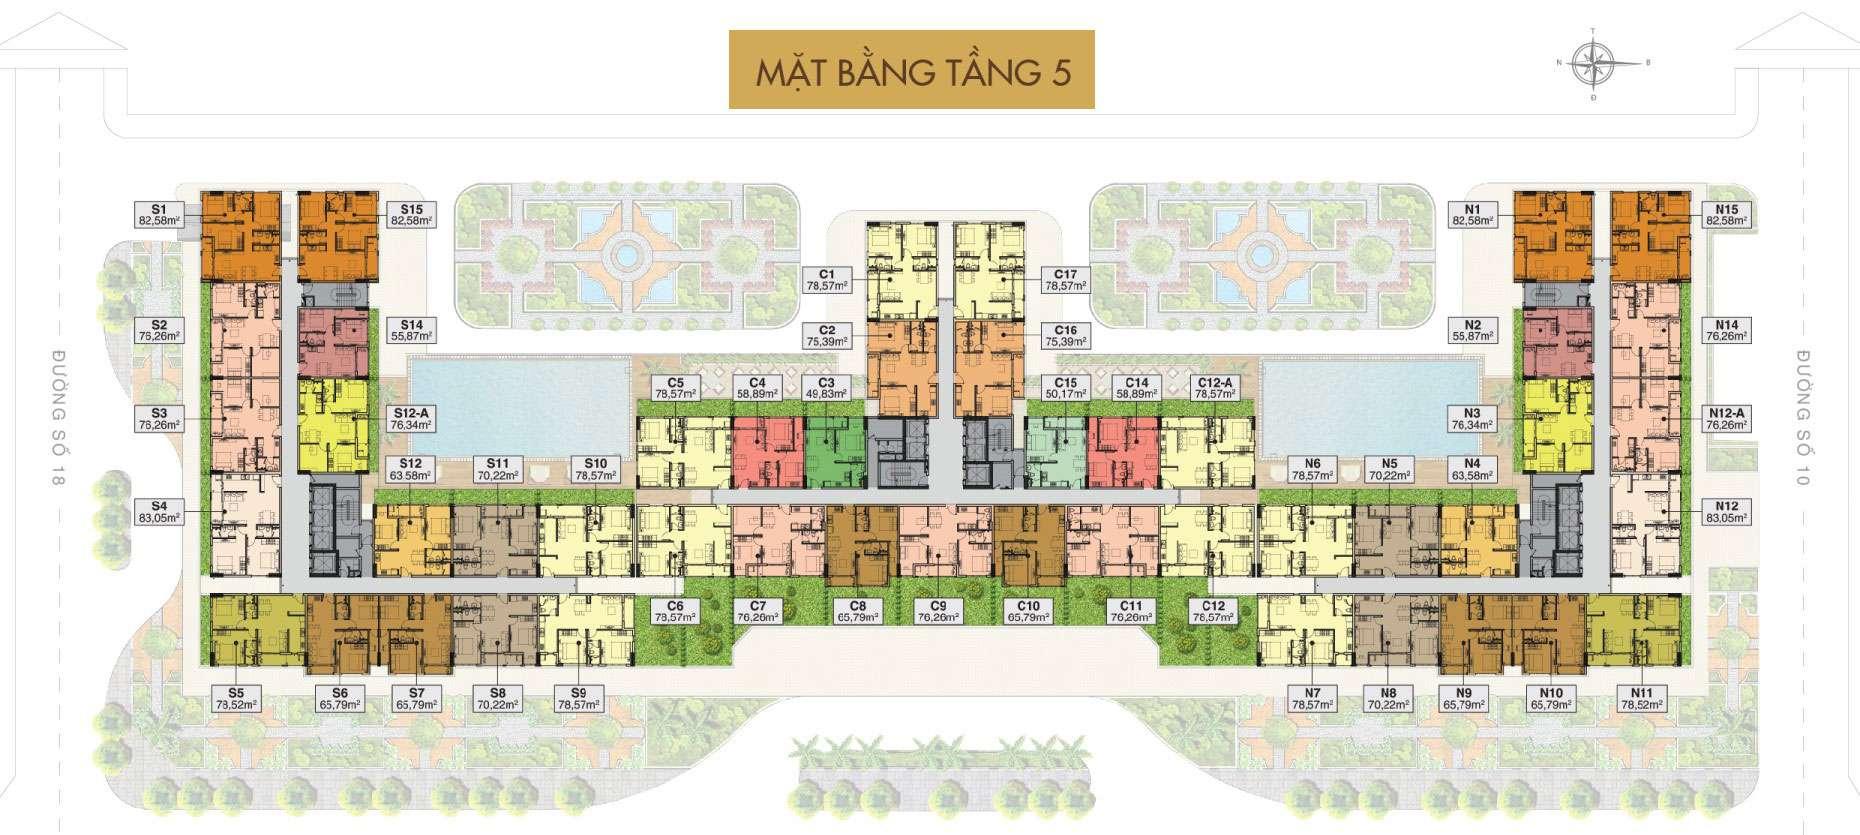 Mặt bằng tổng thể căn hộ snâ vườn tầng 5 Sài Gòn Mia